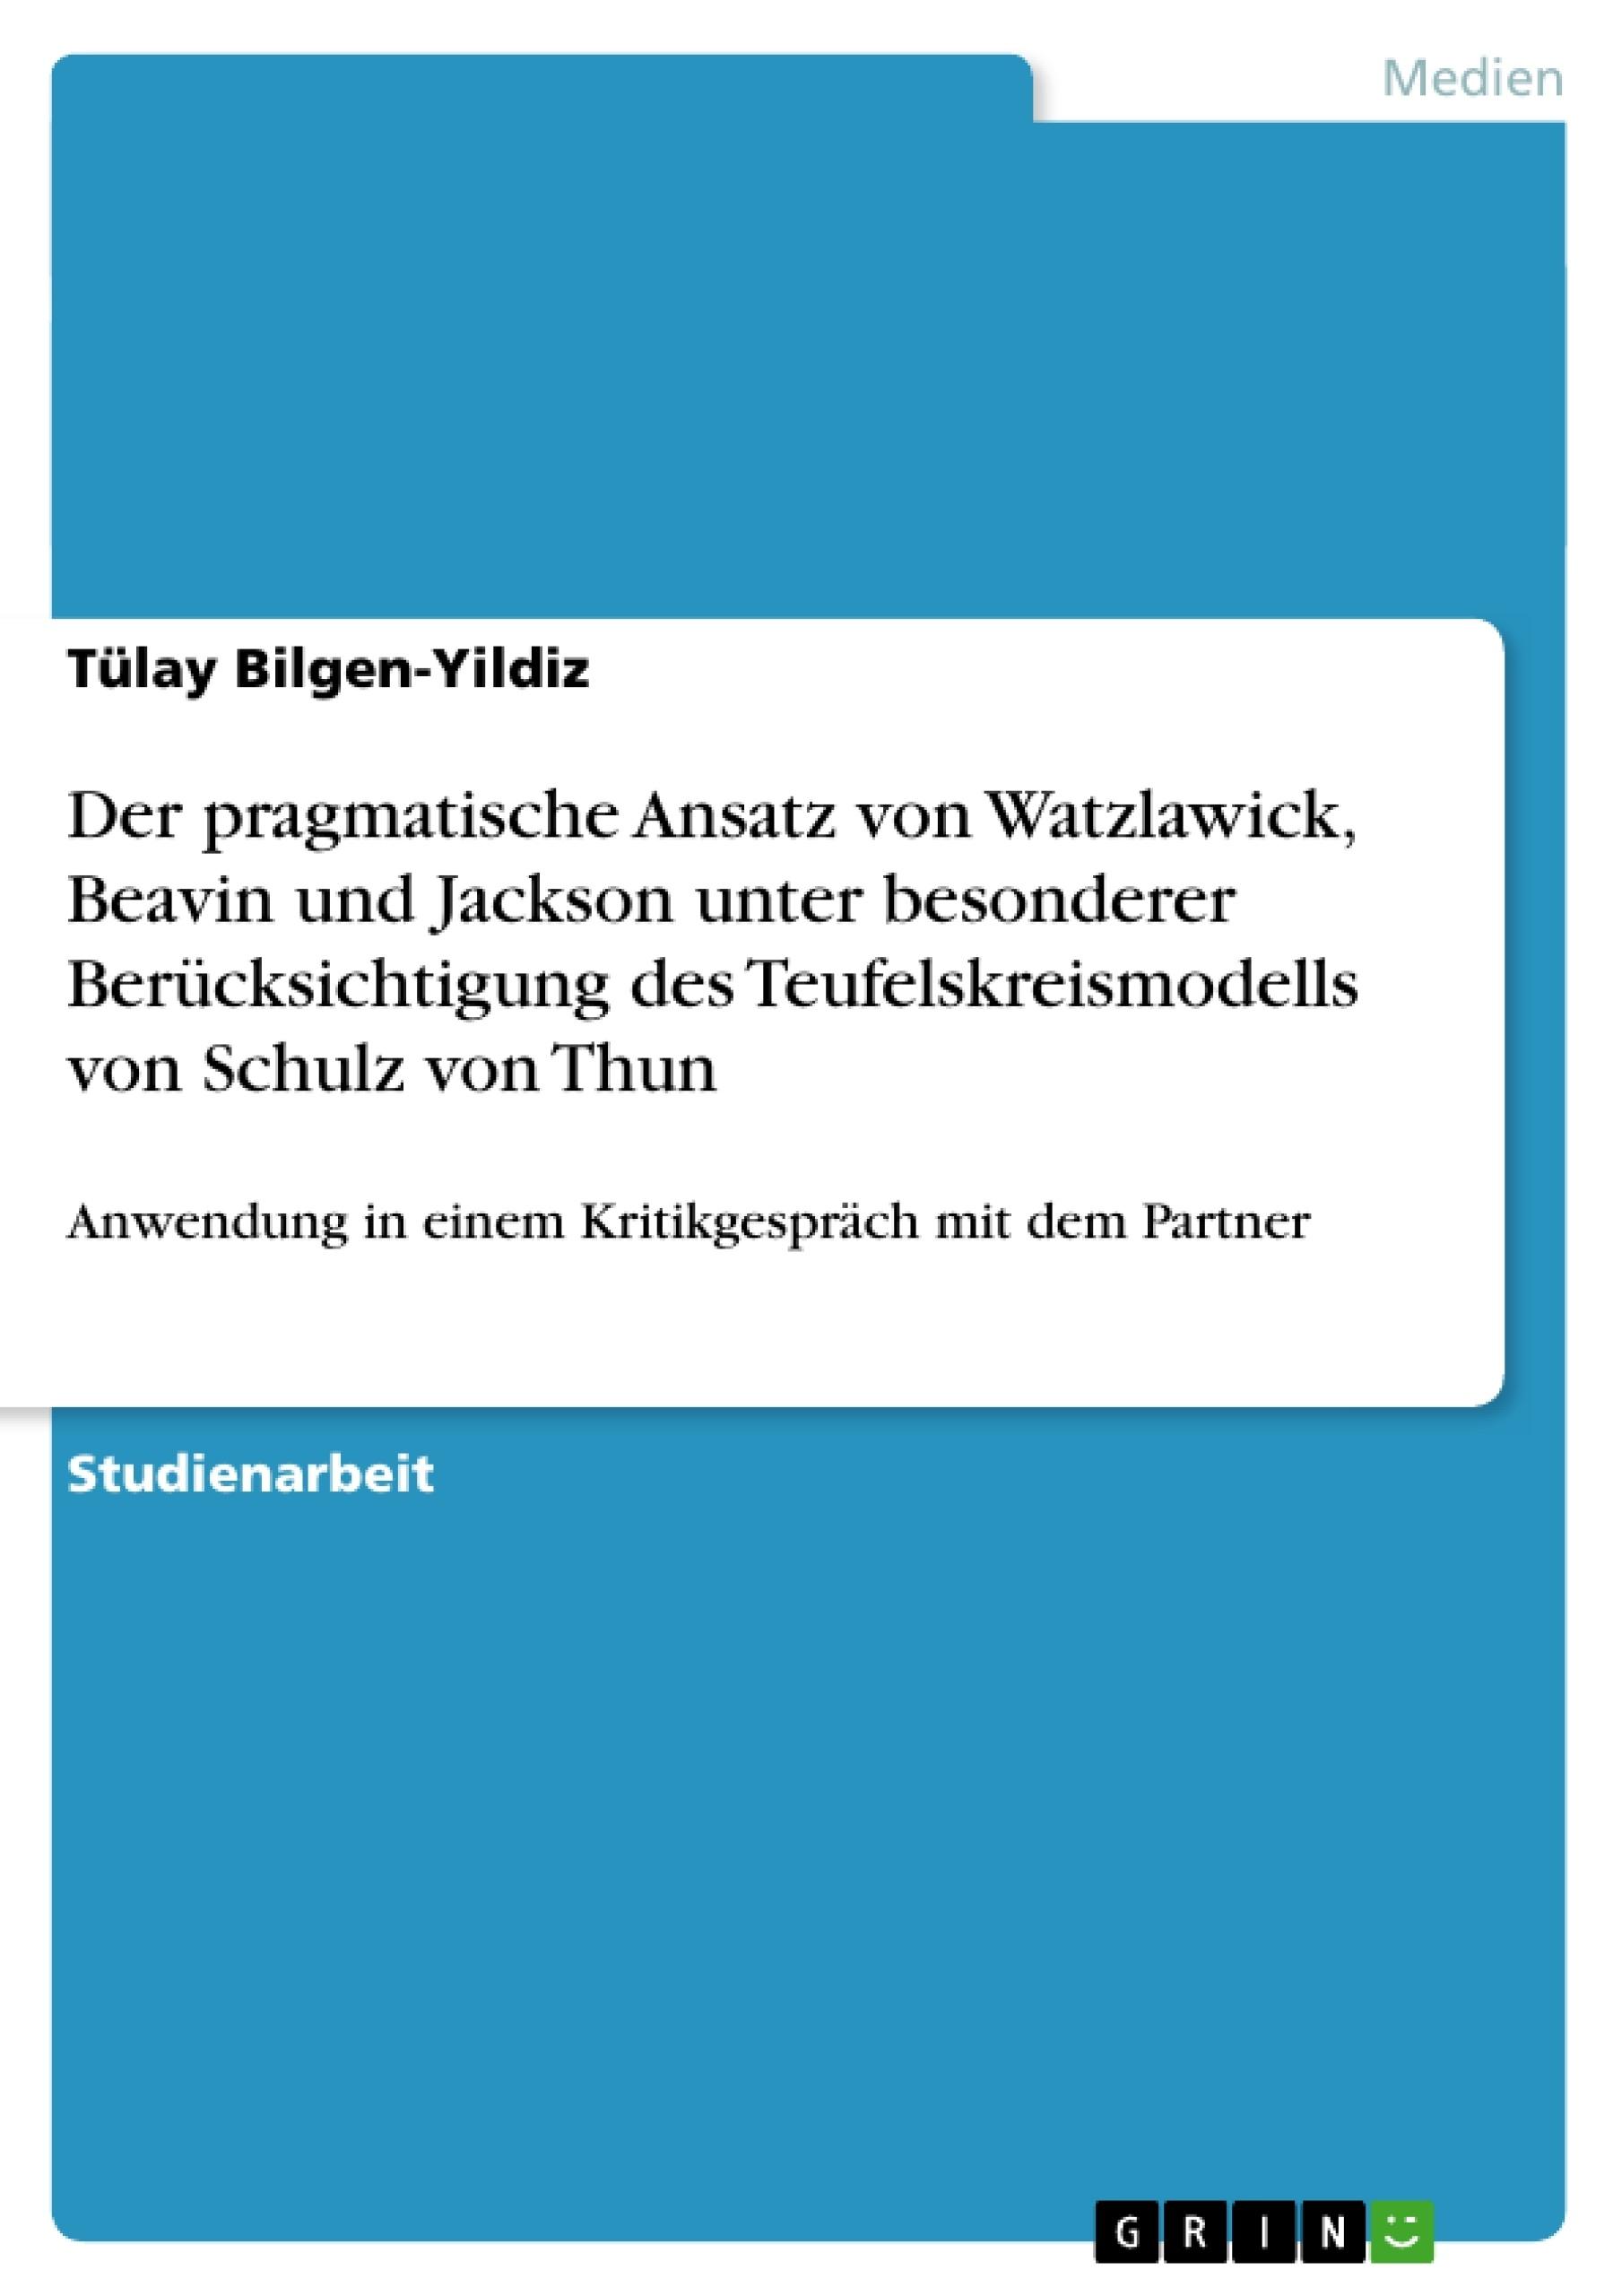 Titel: Der pragmatische Ansatz von Watzlawick, Beavin und Jackson unter besonderer Berücksichtigung des  Teufelskreismodells von Schulz von Thun